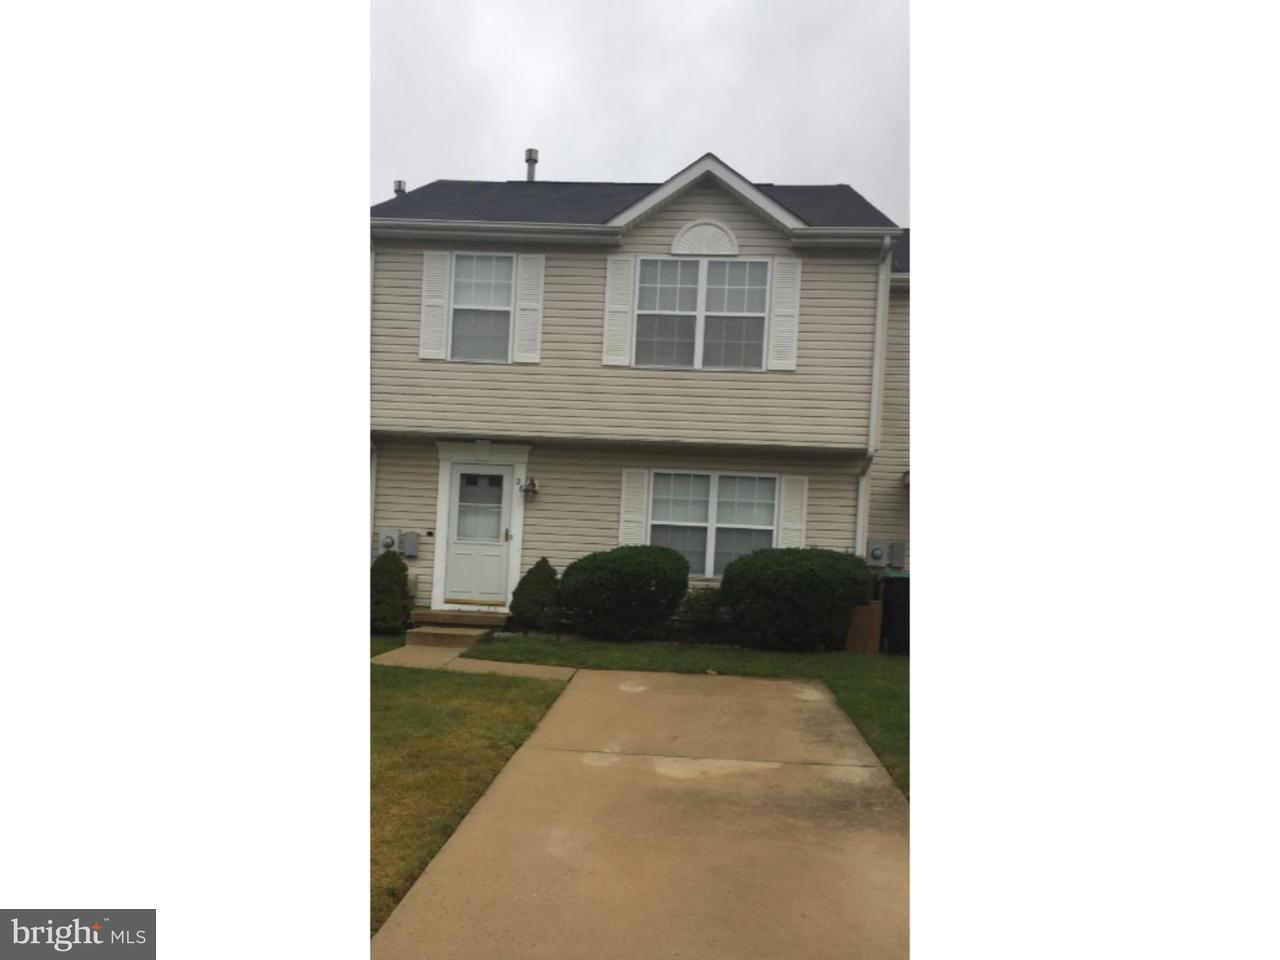 Casa unifamiliar adosada (Townhouse) por un Alquiler en 28 PARKTOWN Place Sicklerville, Nueva Jersey 08081 Estados Unidos